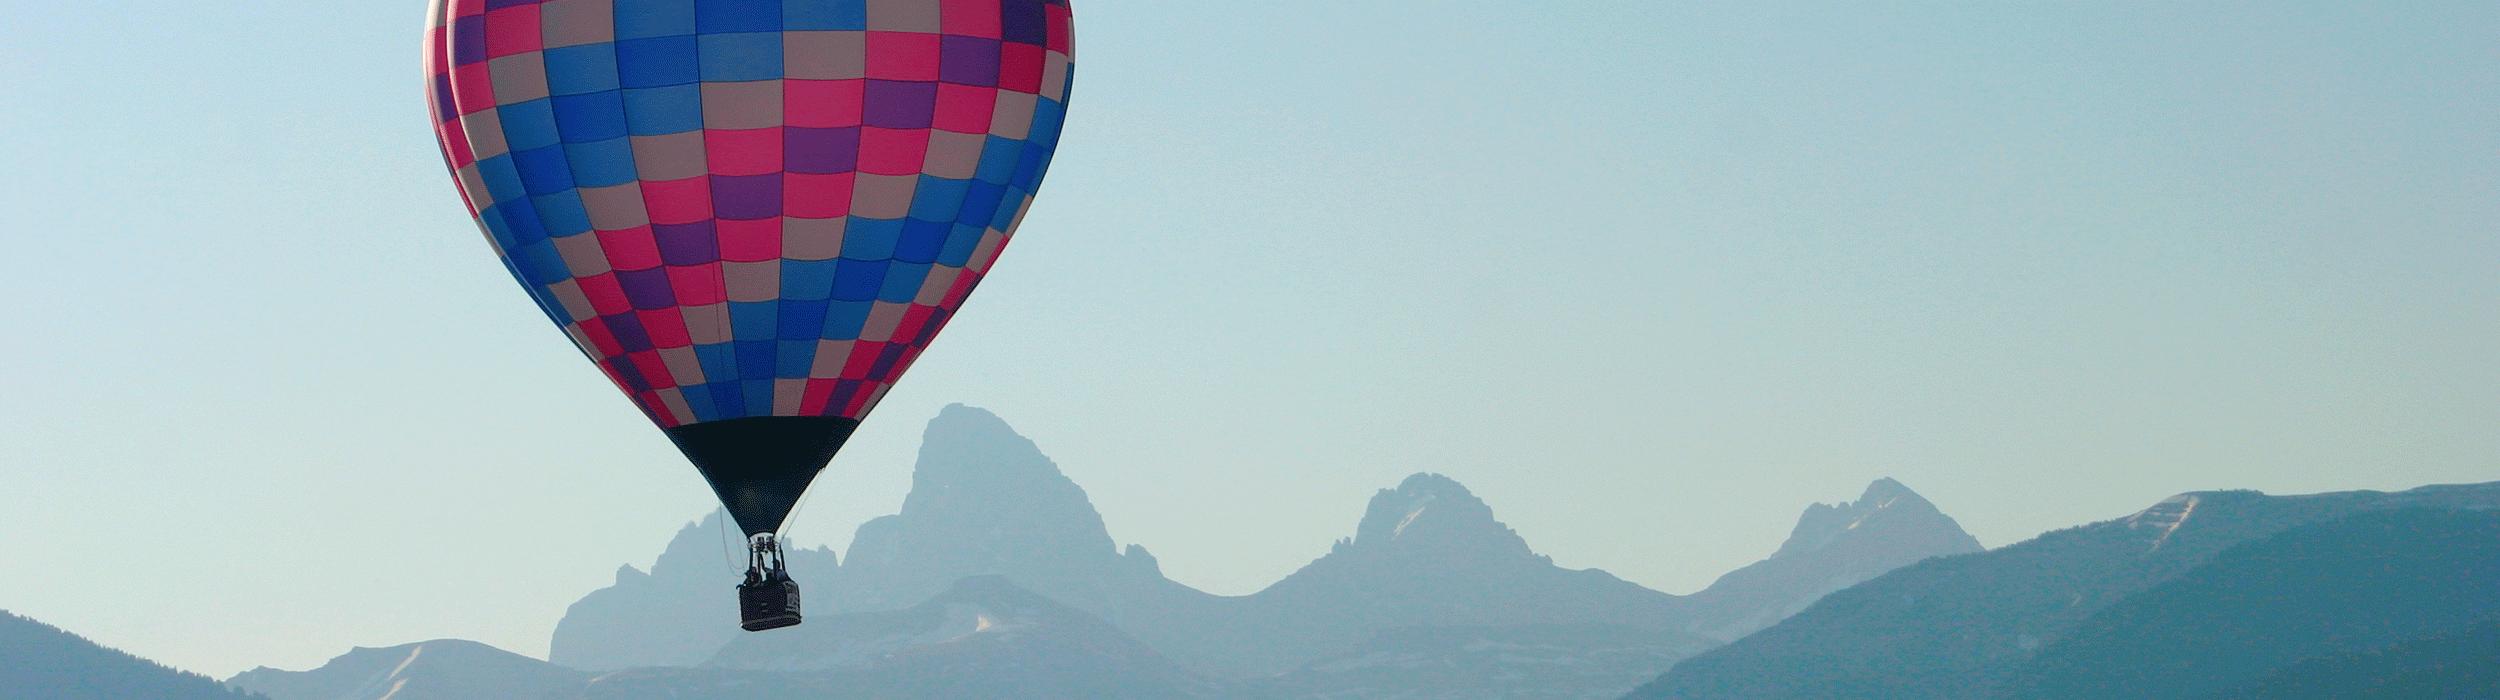 ballon2500px